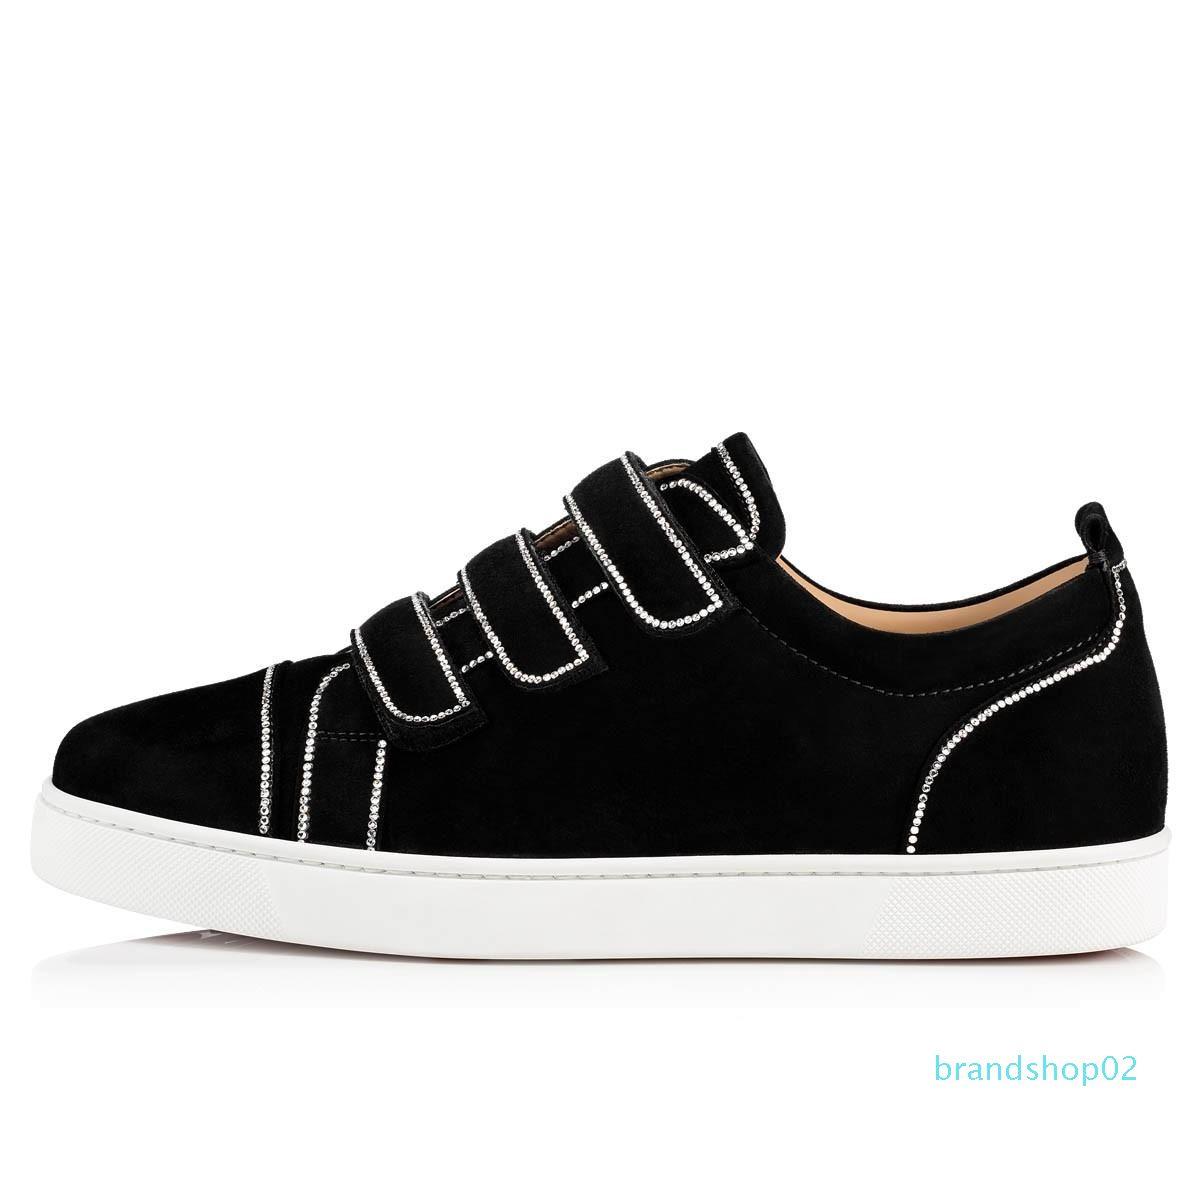 Cult-favori Red Sole Sneaker Bottom Kiddo Bordo Nouveau style, le bas chausse junior en daim noir skate homme en cuir + Velcro Avec Strass-cristal